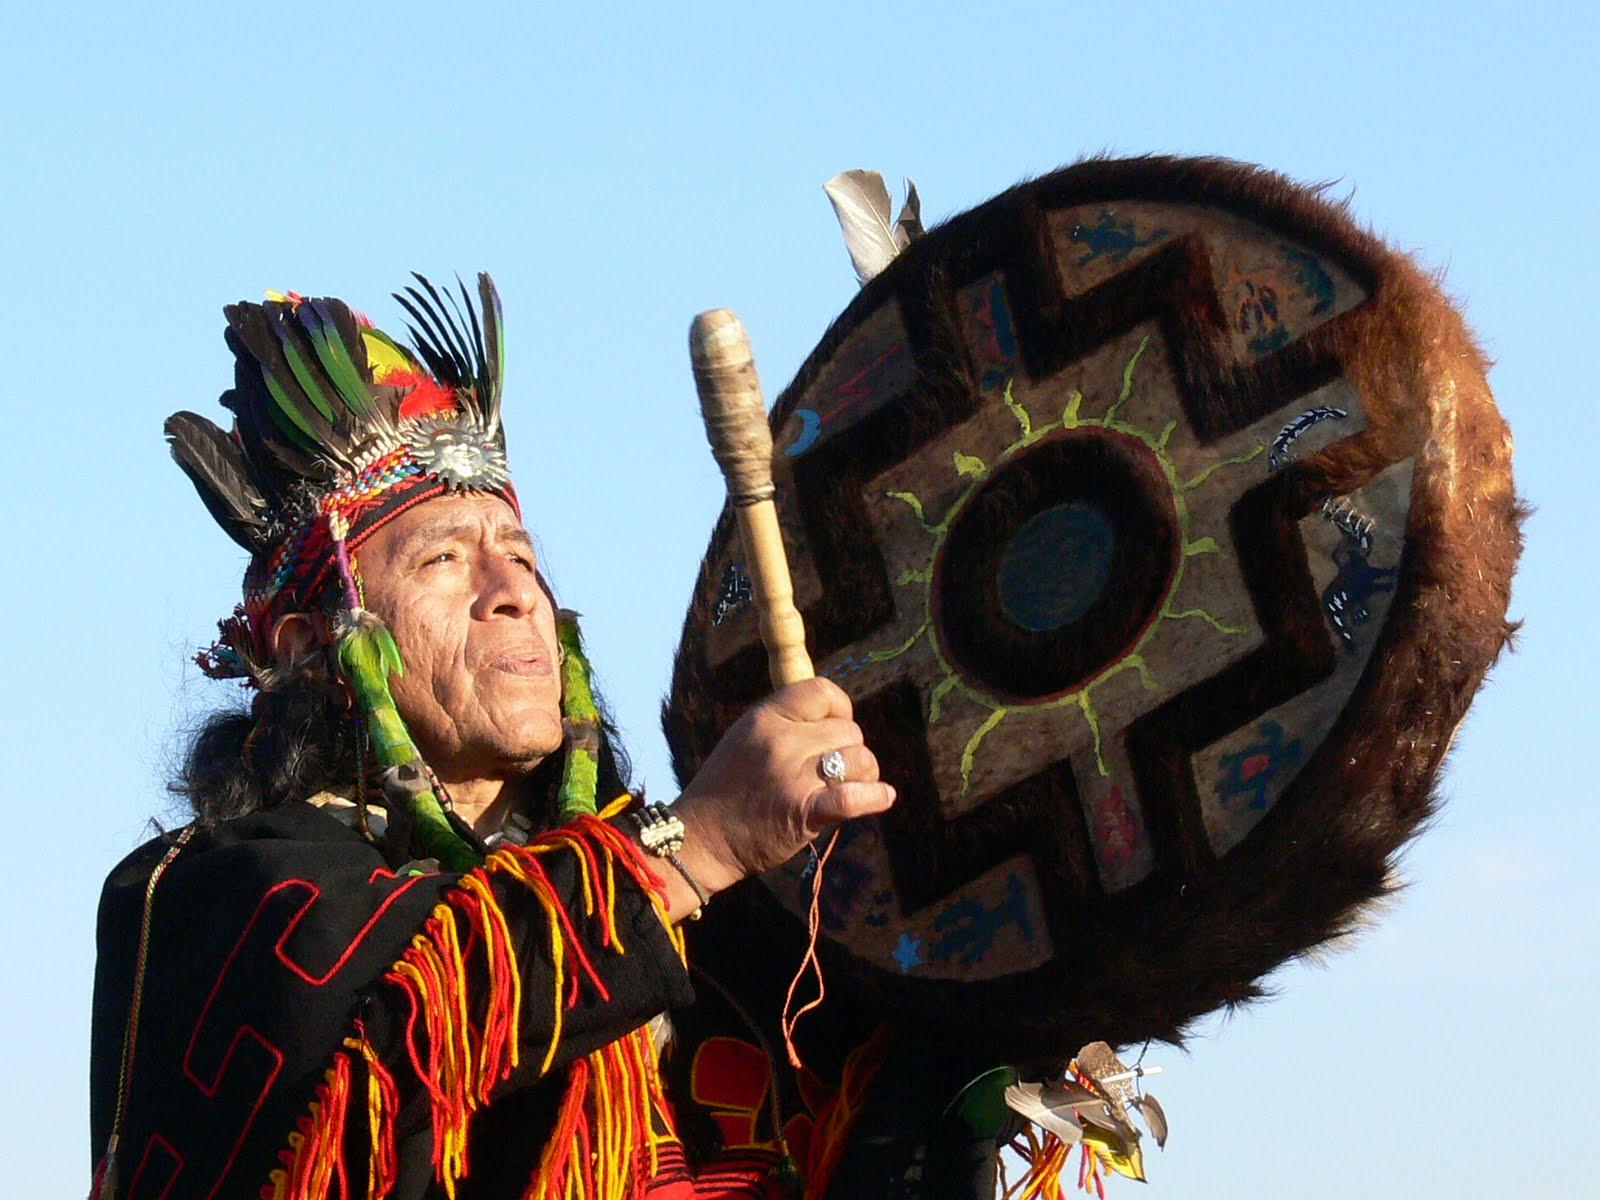 2-soveti-od-shamanite-koi-mozhe-da-vi-pomognat-vo-sekojdnevniot-zhivot-www.kafepauza.mk_